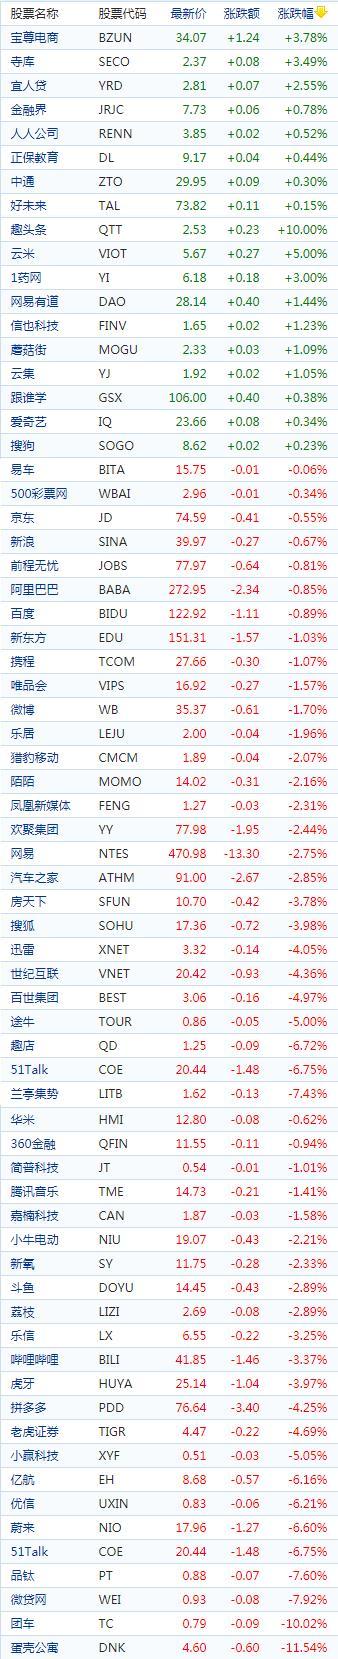 中国概念股周三收盘多数下跌 蛋壳大跌近12%